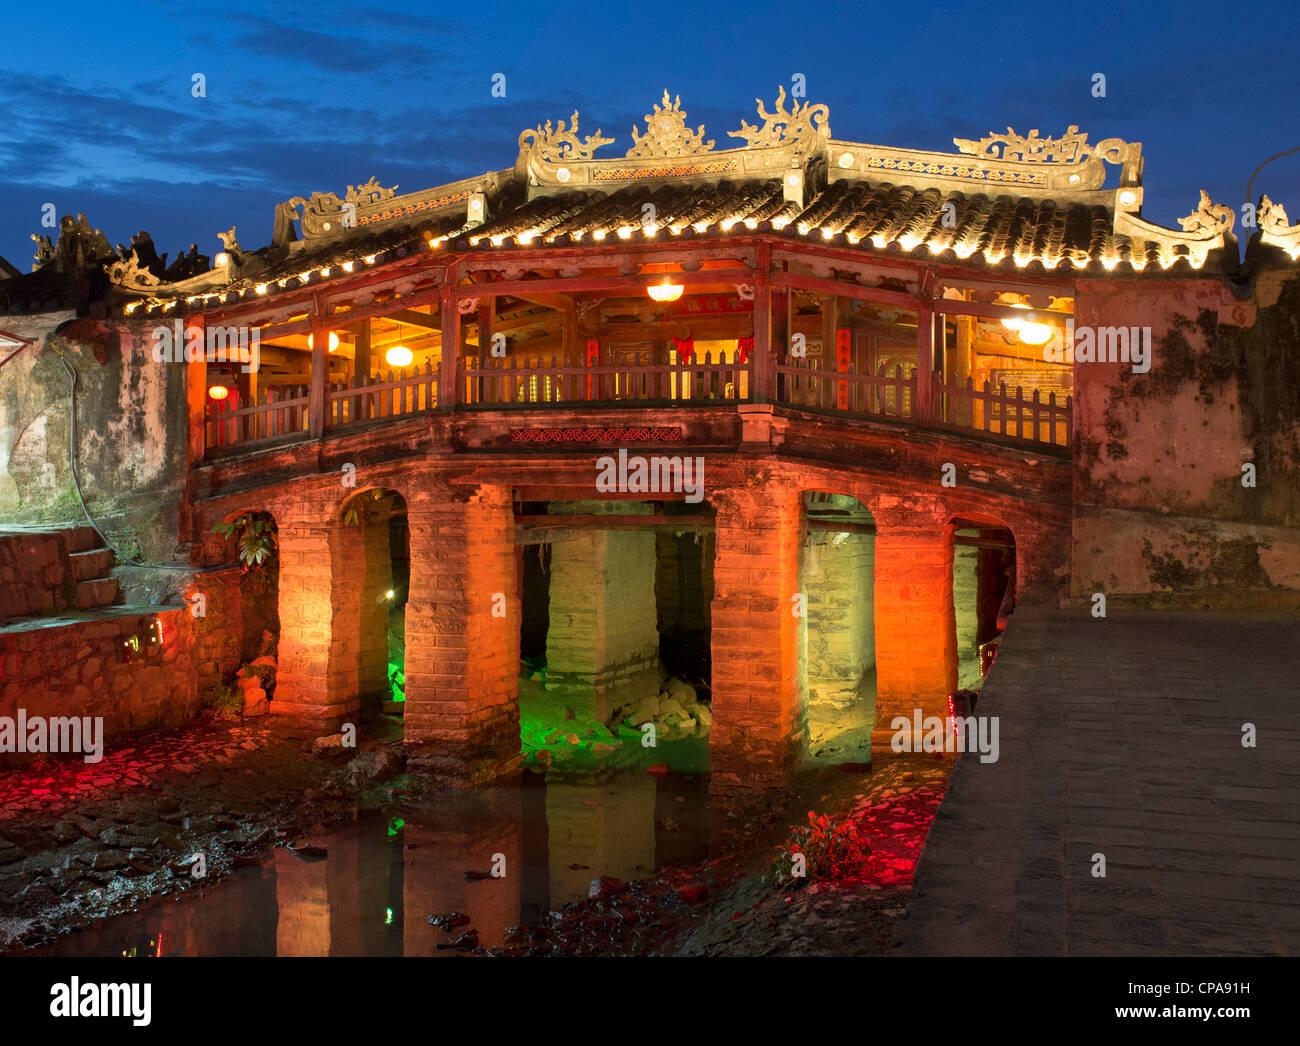 Beleuchtete Nacht Blick auf historische japanische überdachte Brücke in UNESCO-Erbe Stadt Hoian in Vietnam Stockbild